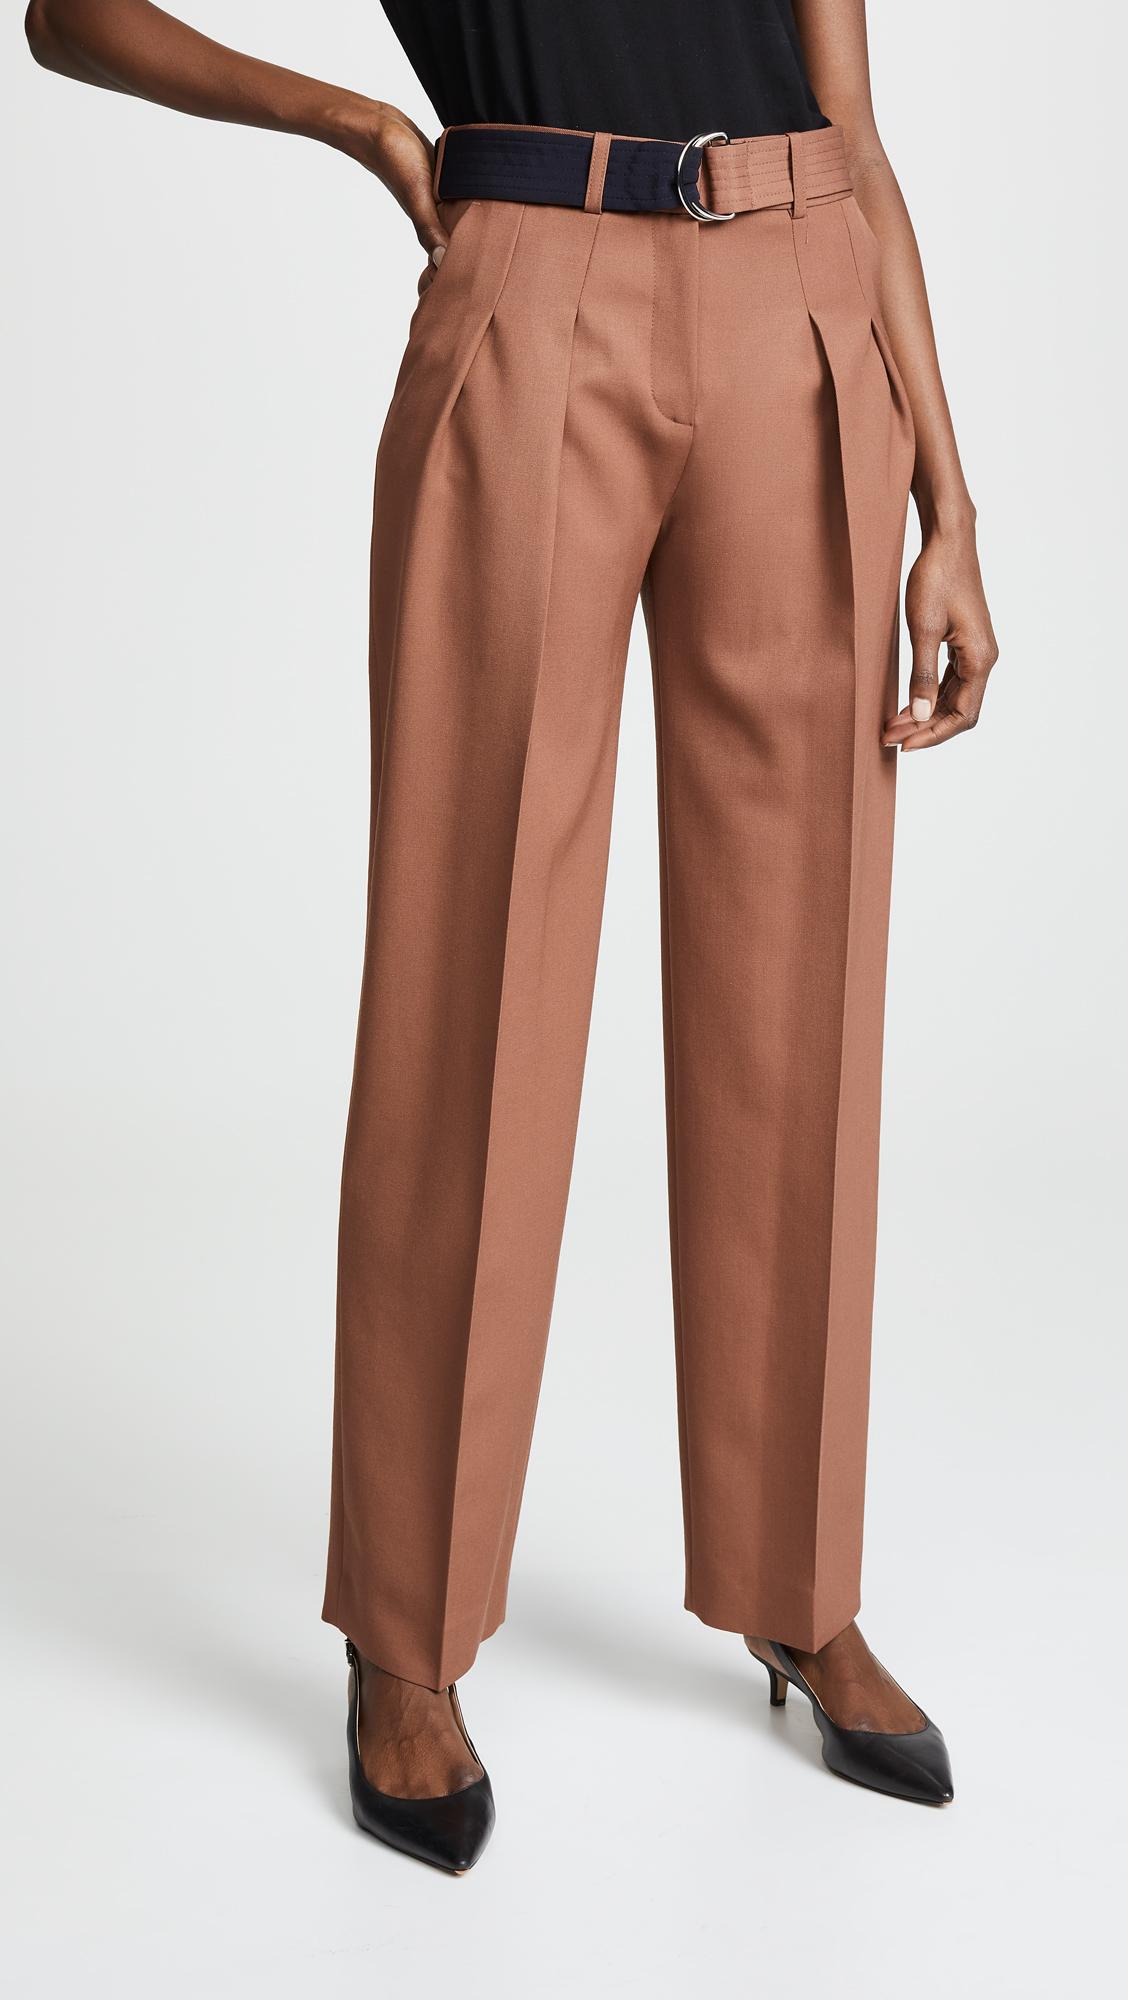 Victoria Beckham Front Pleat Pants, $192, Shopbop